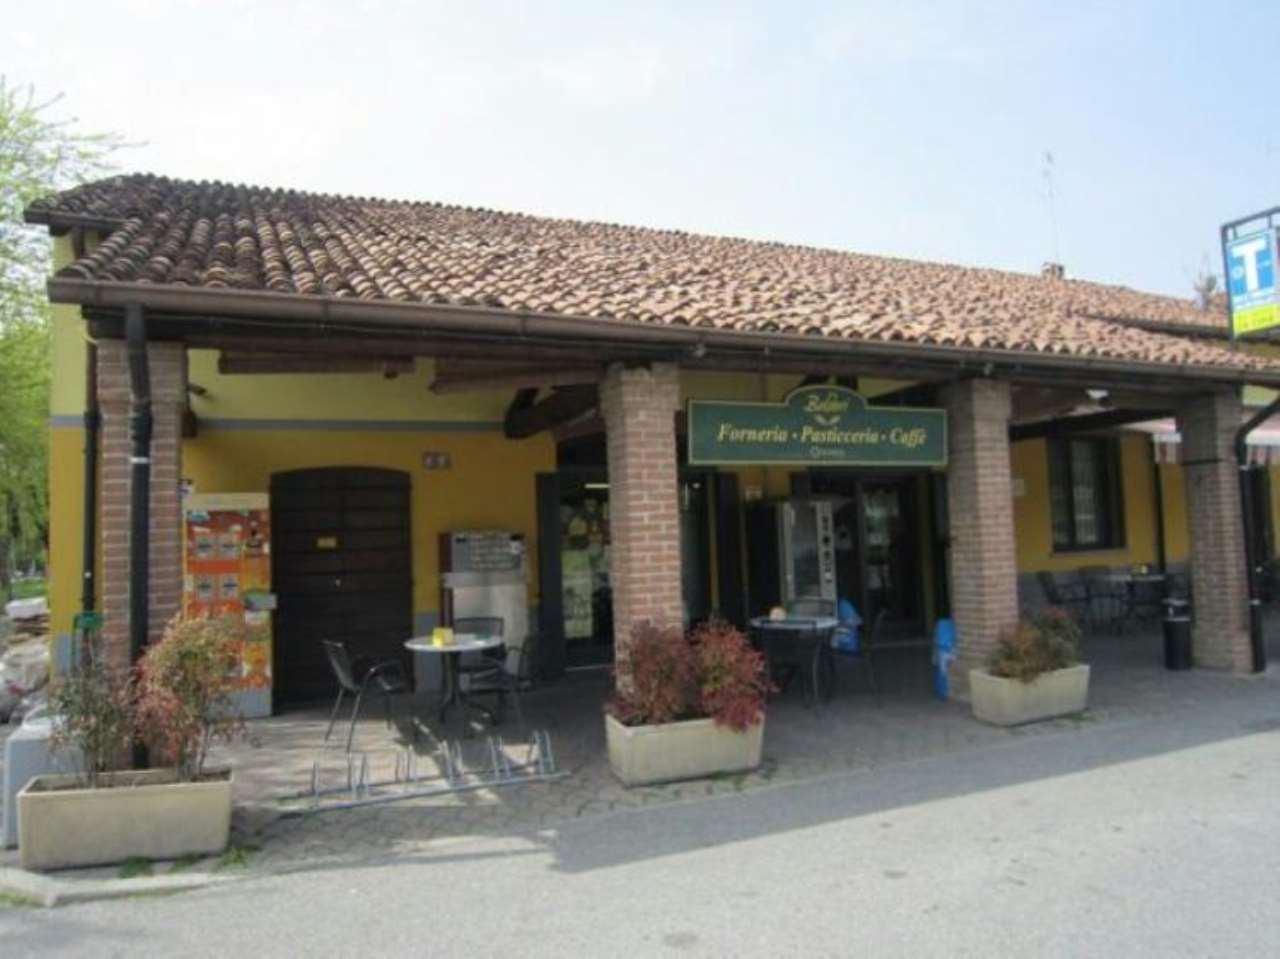 Negozio / Locale in vendita a Cremona, 5 locali, Trattative riservate | CambioCasa.it